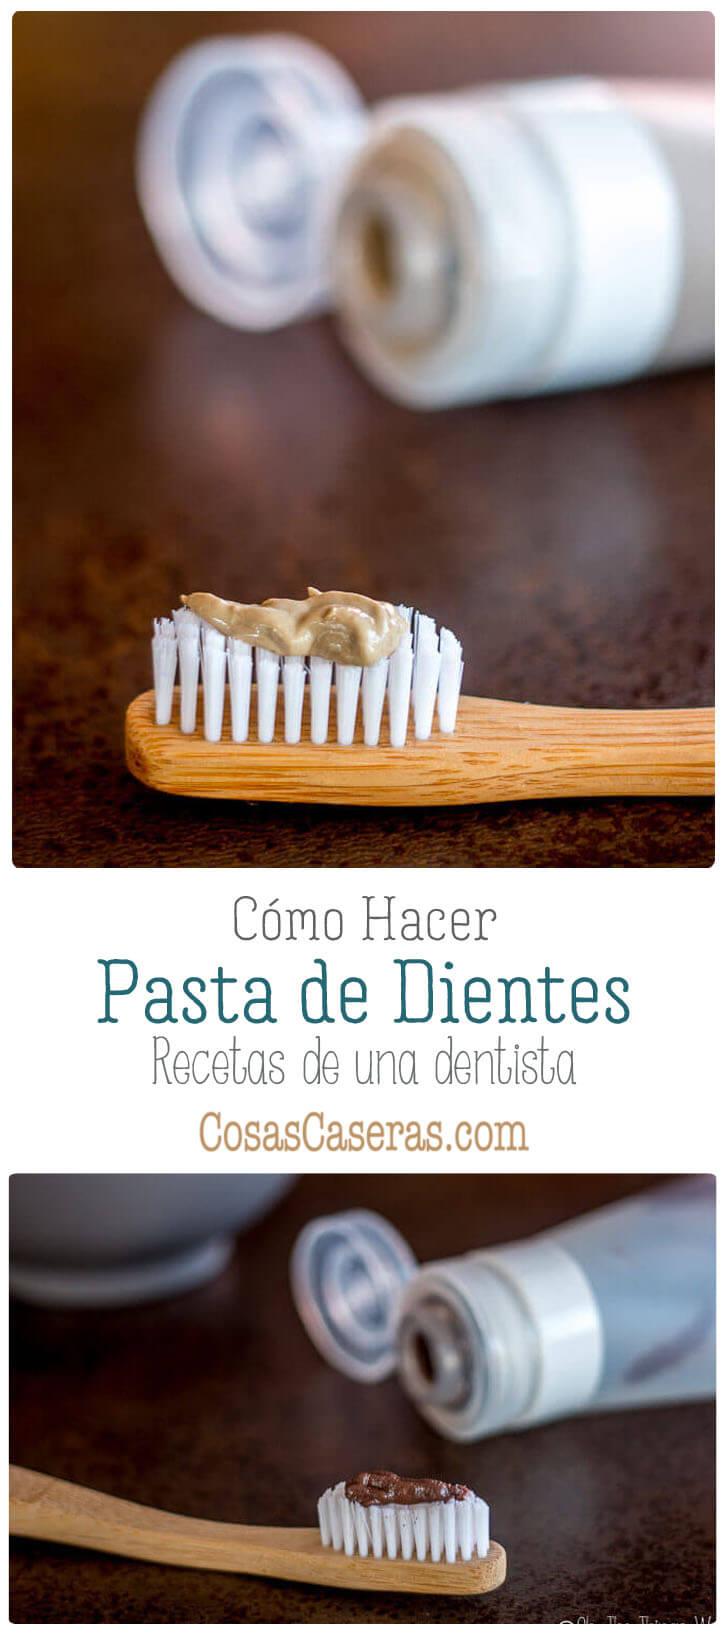 Pasta de dientes casera de chocolate y menta en un cepillo de dientes de bambú y con un tubo silicona llena de la pasta de dientes.